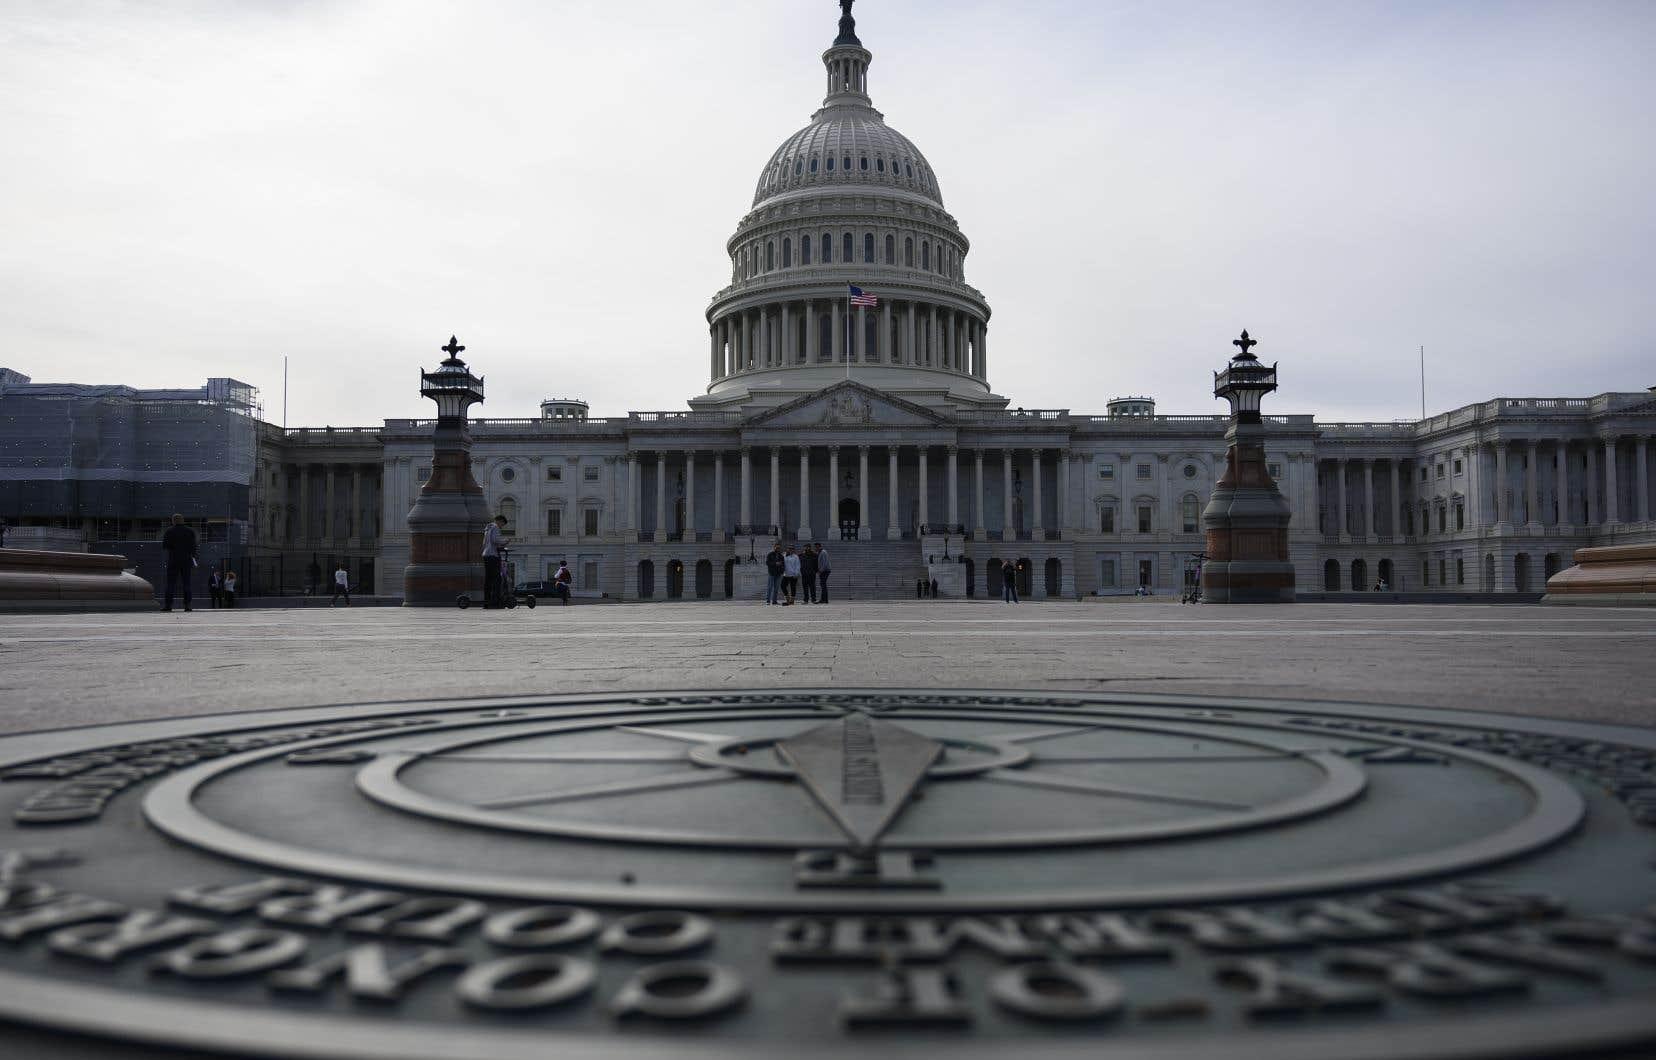 Une commission du Congrès américain a engagé mercredi une procédure contraignante pour obtenir l'intégralité du rapport d'enquête sur une ingérence russe dans la présidentielle de 2016.